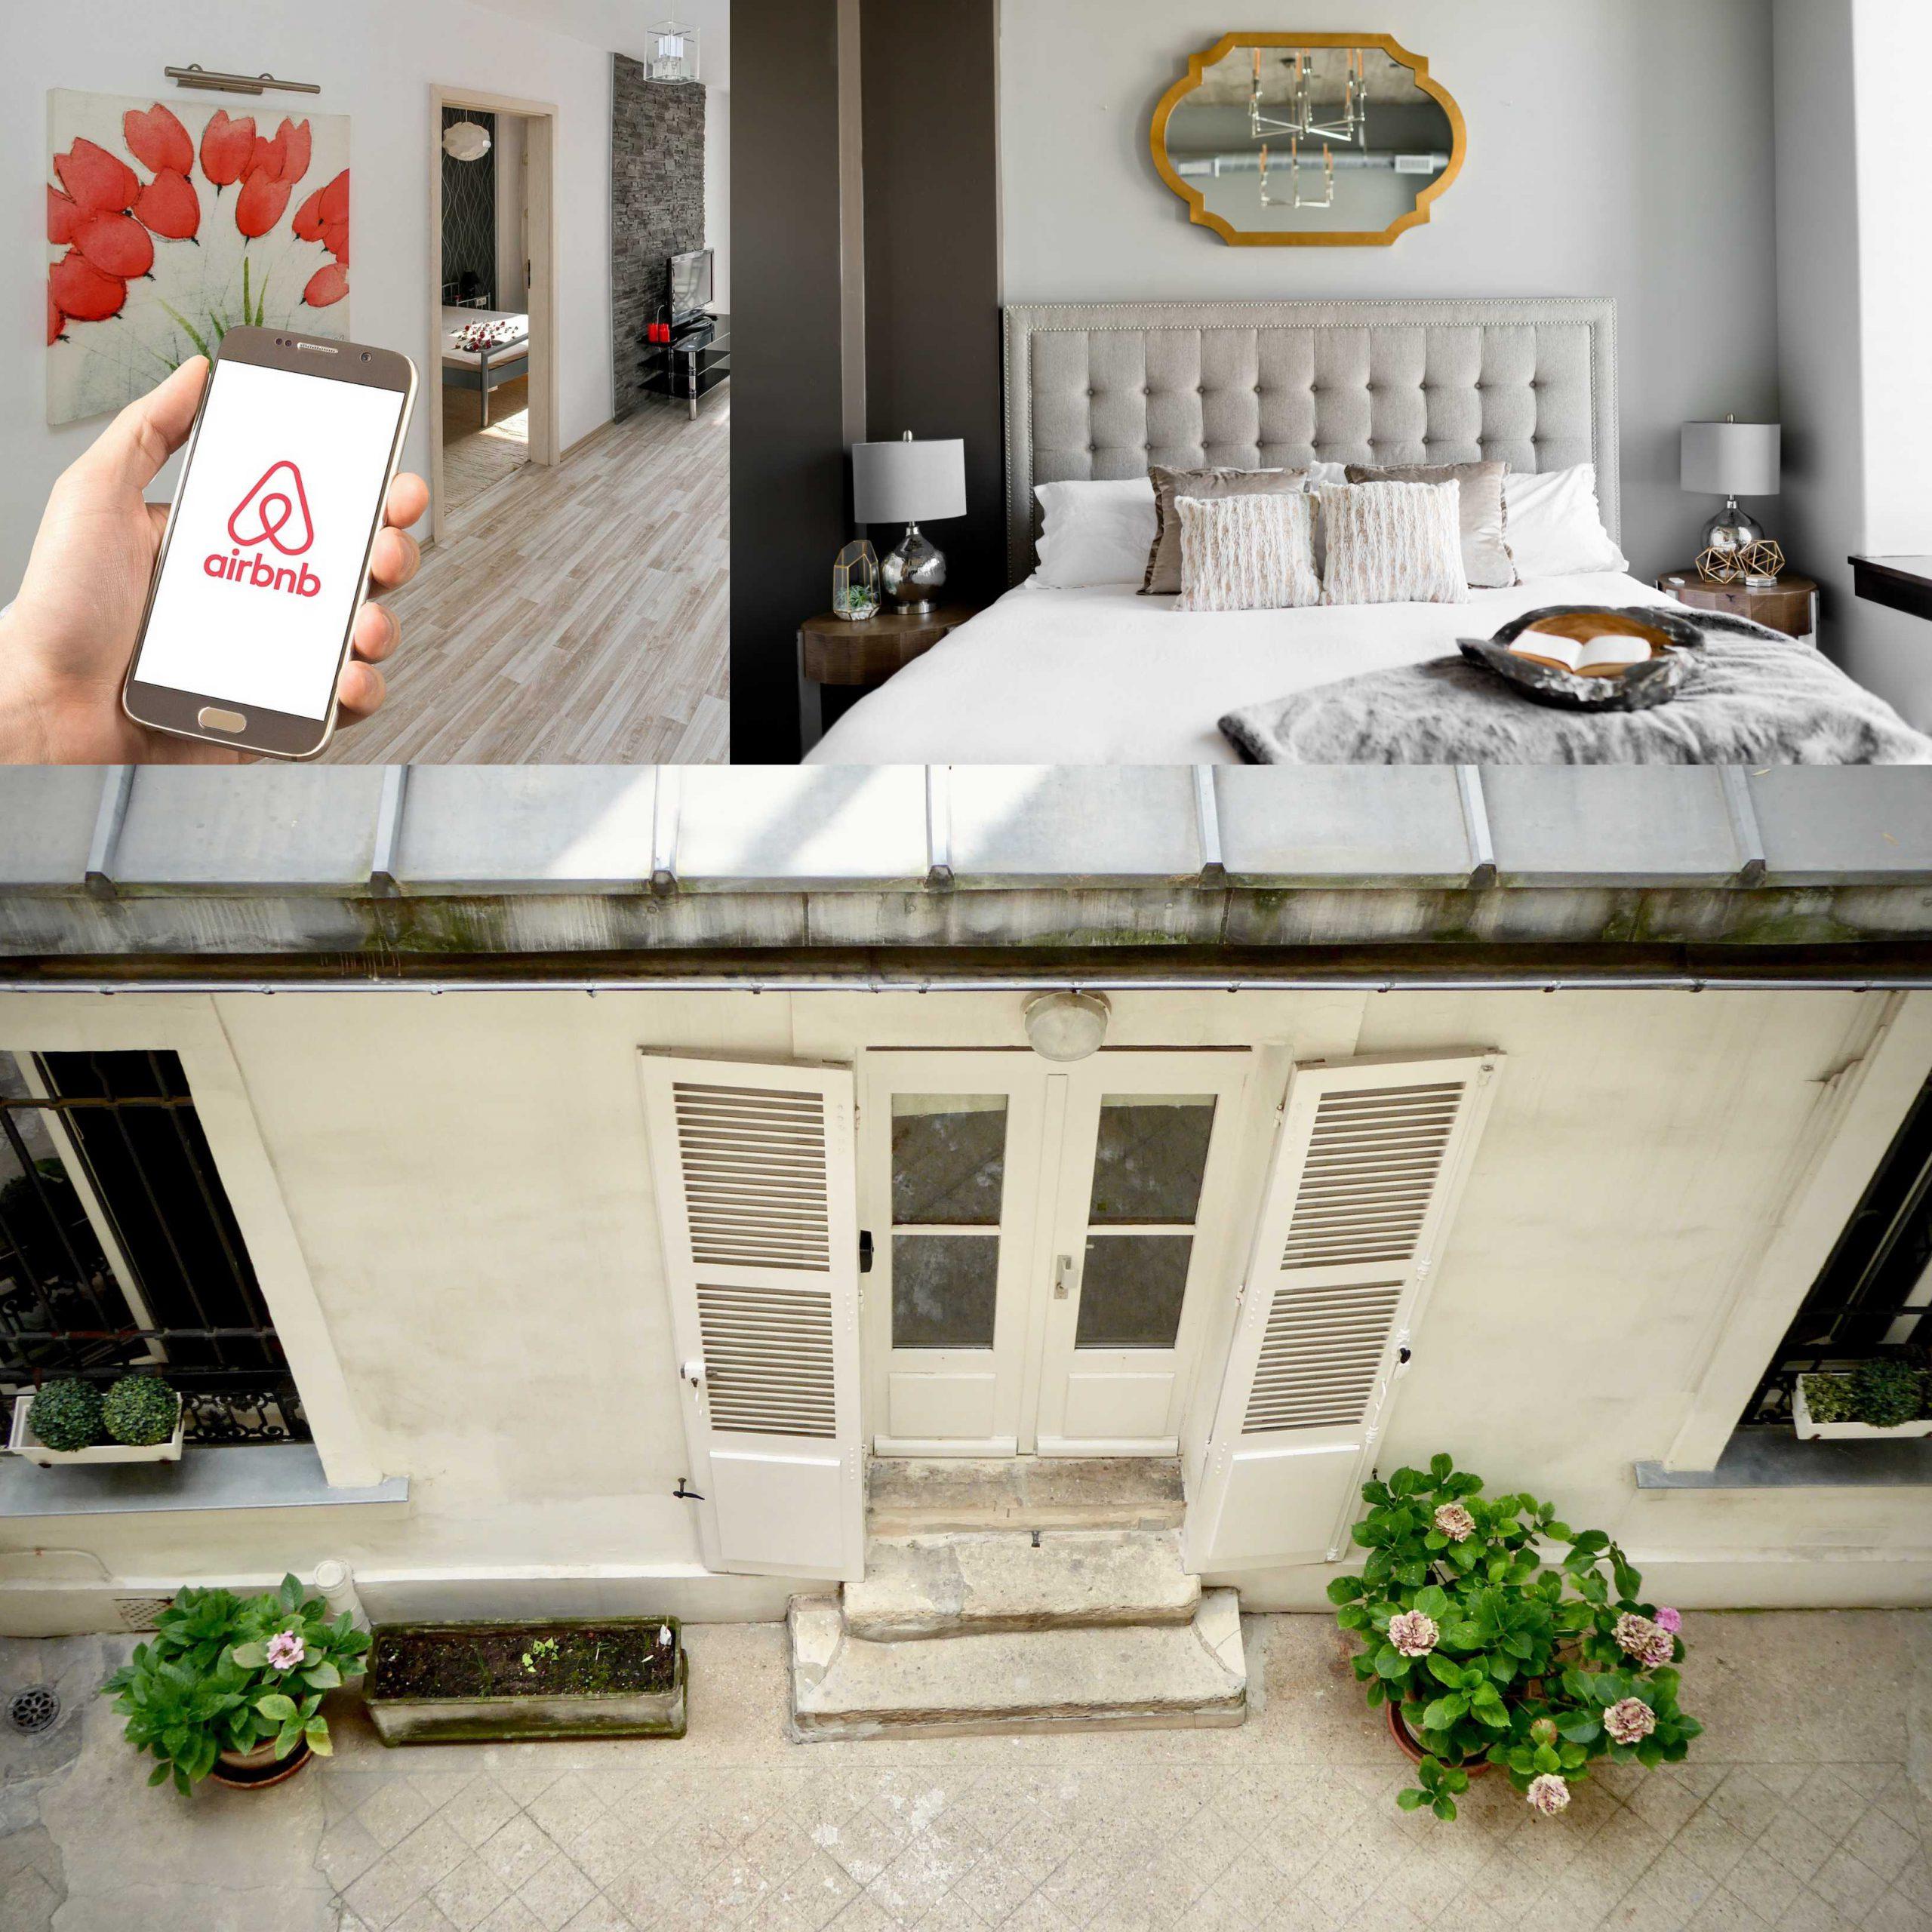 Qu'est-ce que c'est et comment fonctionne Airbnb pour les hôtels